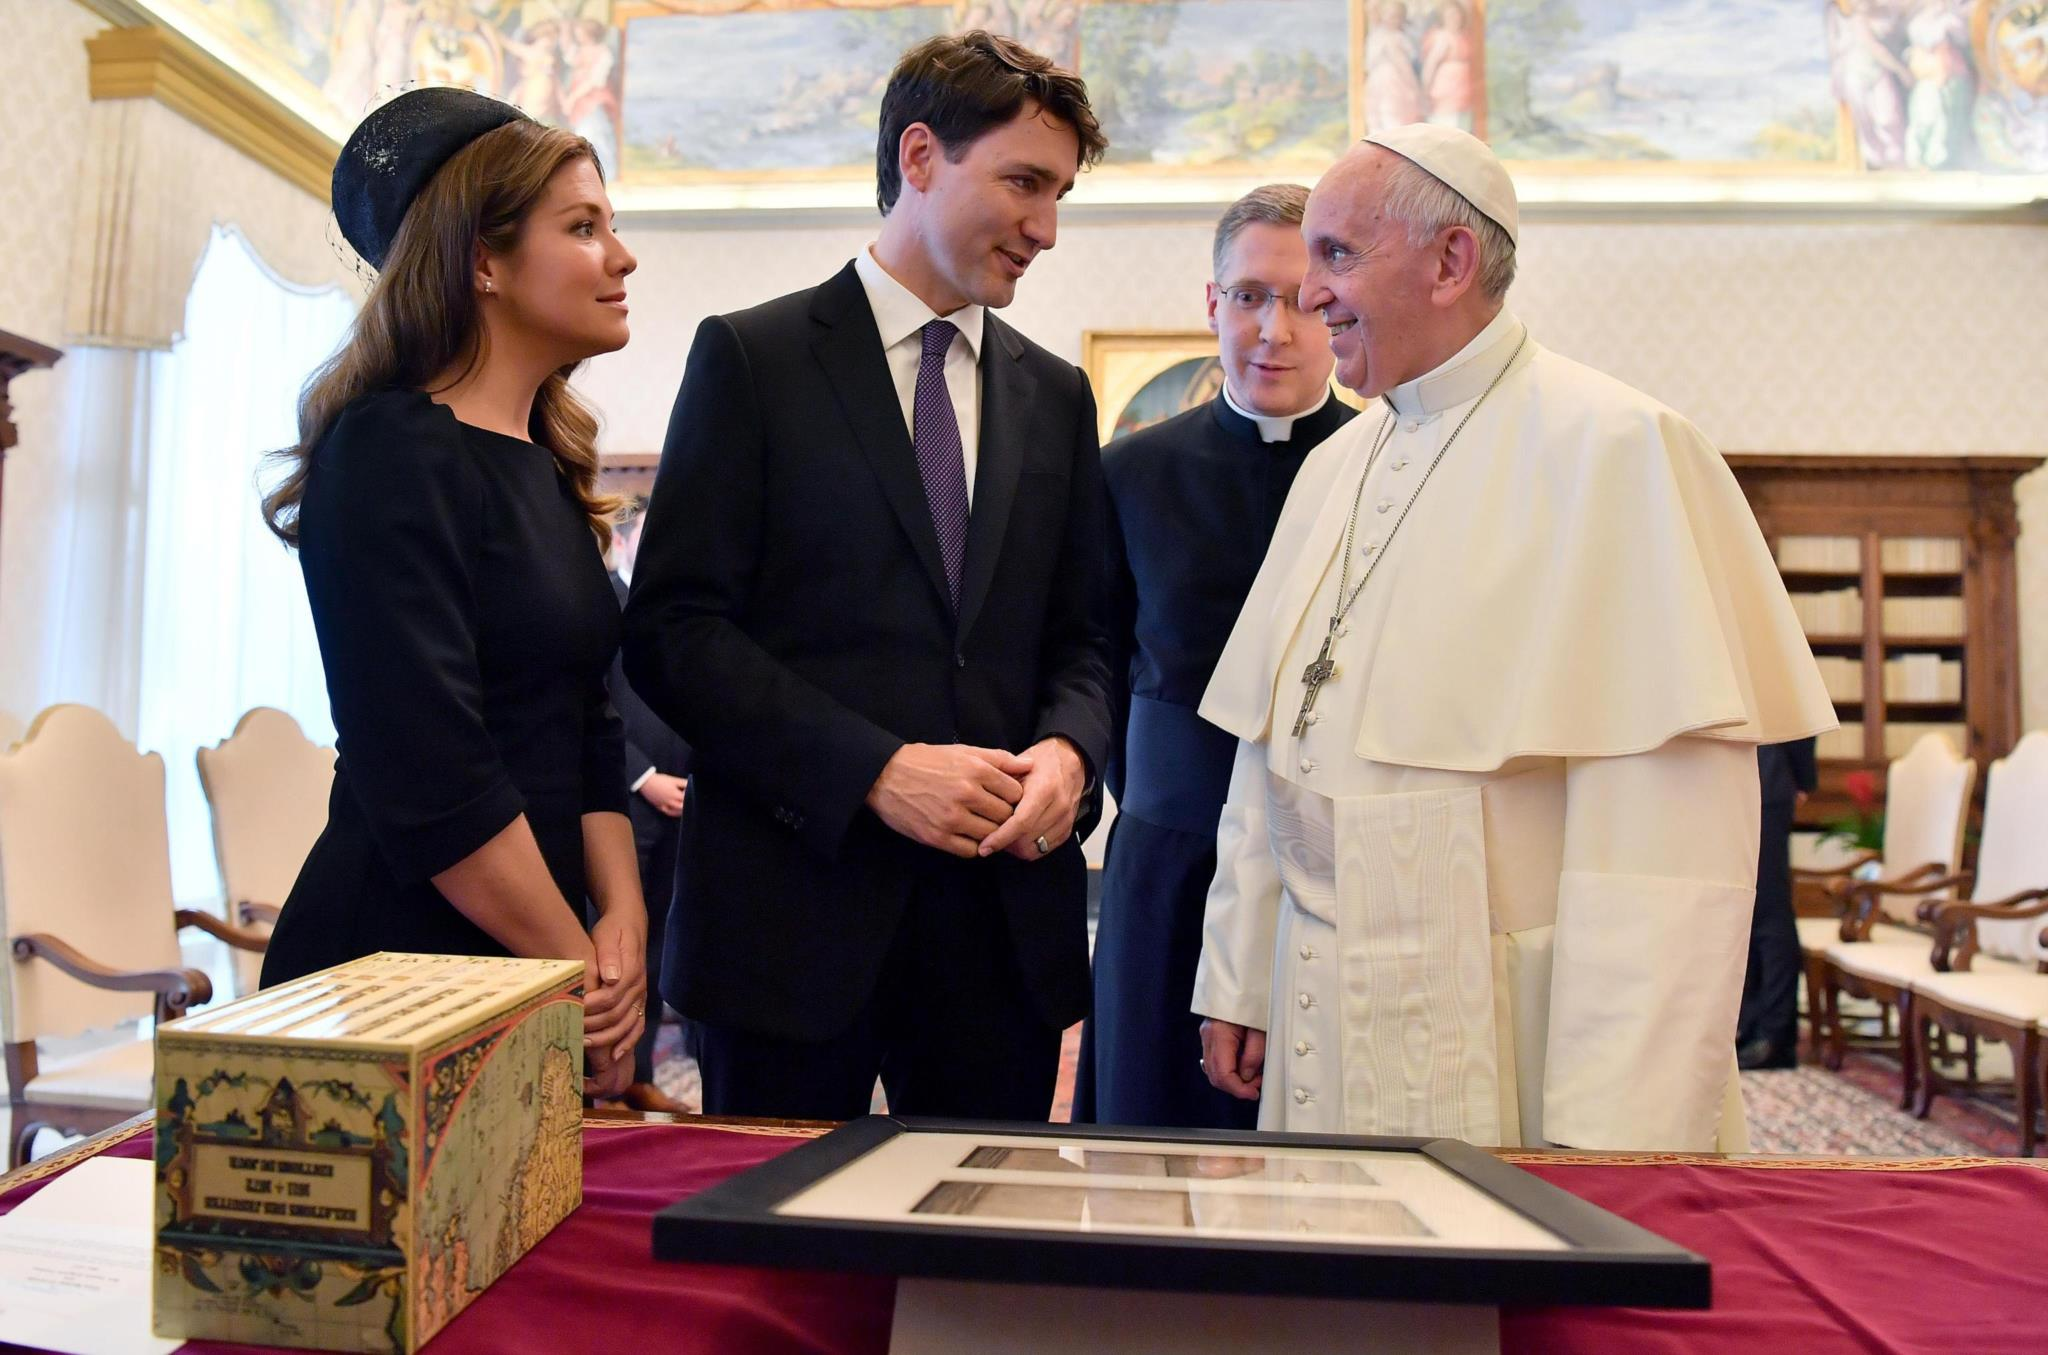 PÚBLICO - Trudeau quer ver Papa Francisco a pedir desculpas